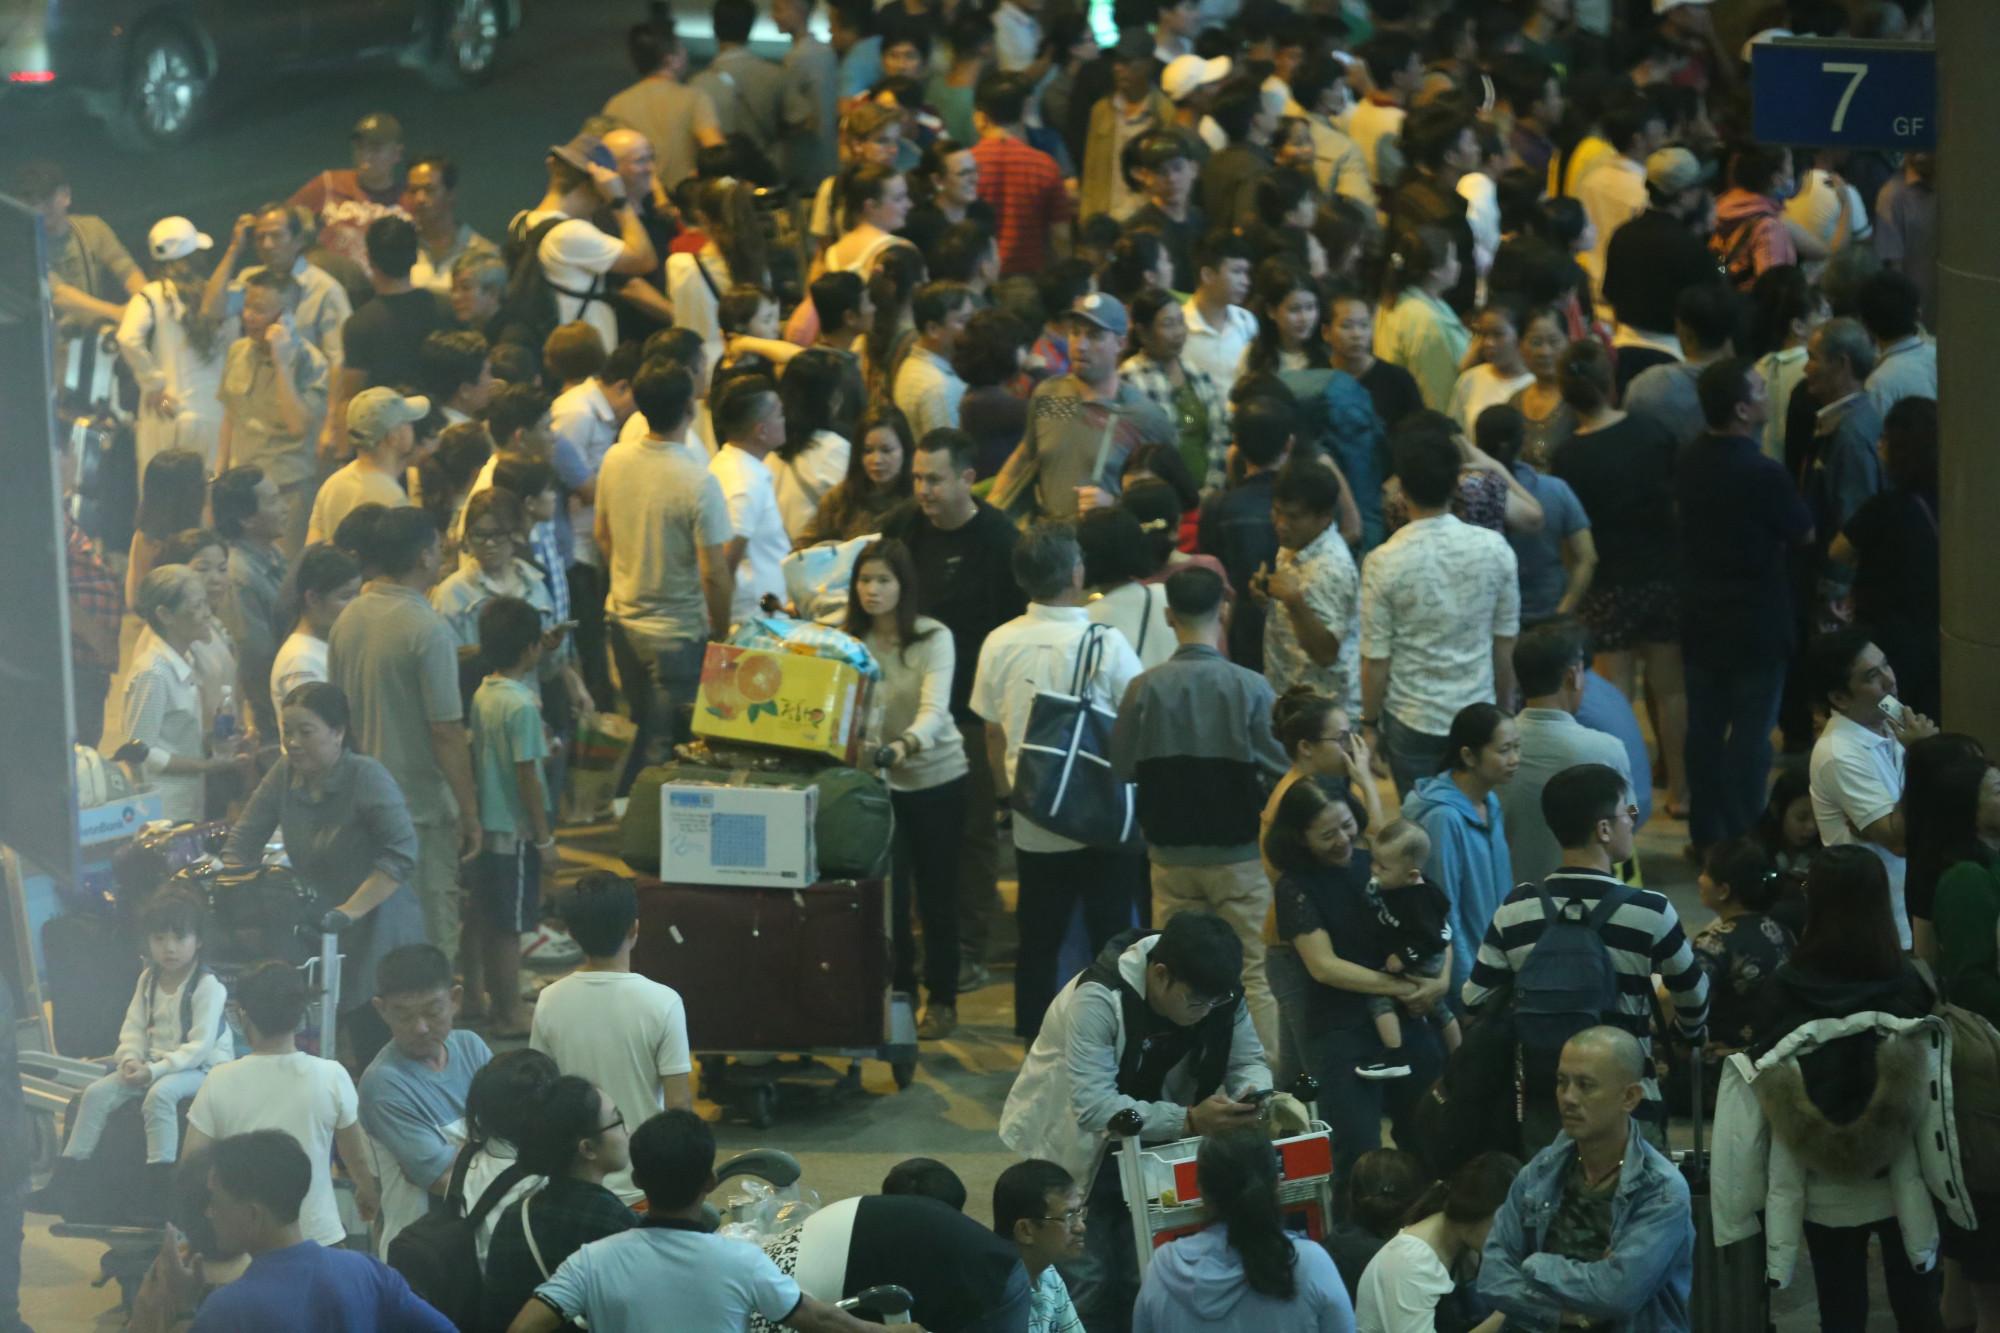 Lượng người tập trung tại sân bay Tân Sơn Nhất trong những ngày Tết Canh  Tý vừa qua. Ảnh: Phương Nguyên